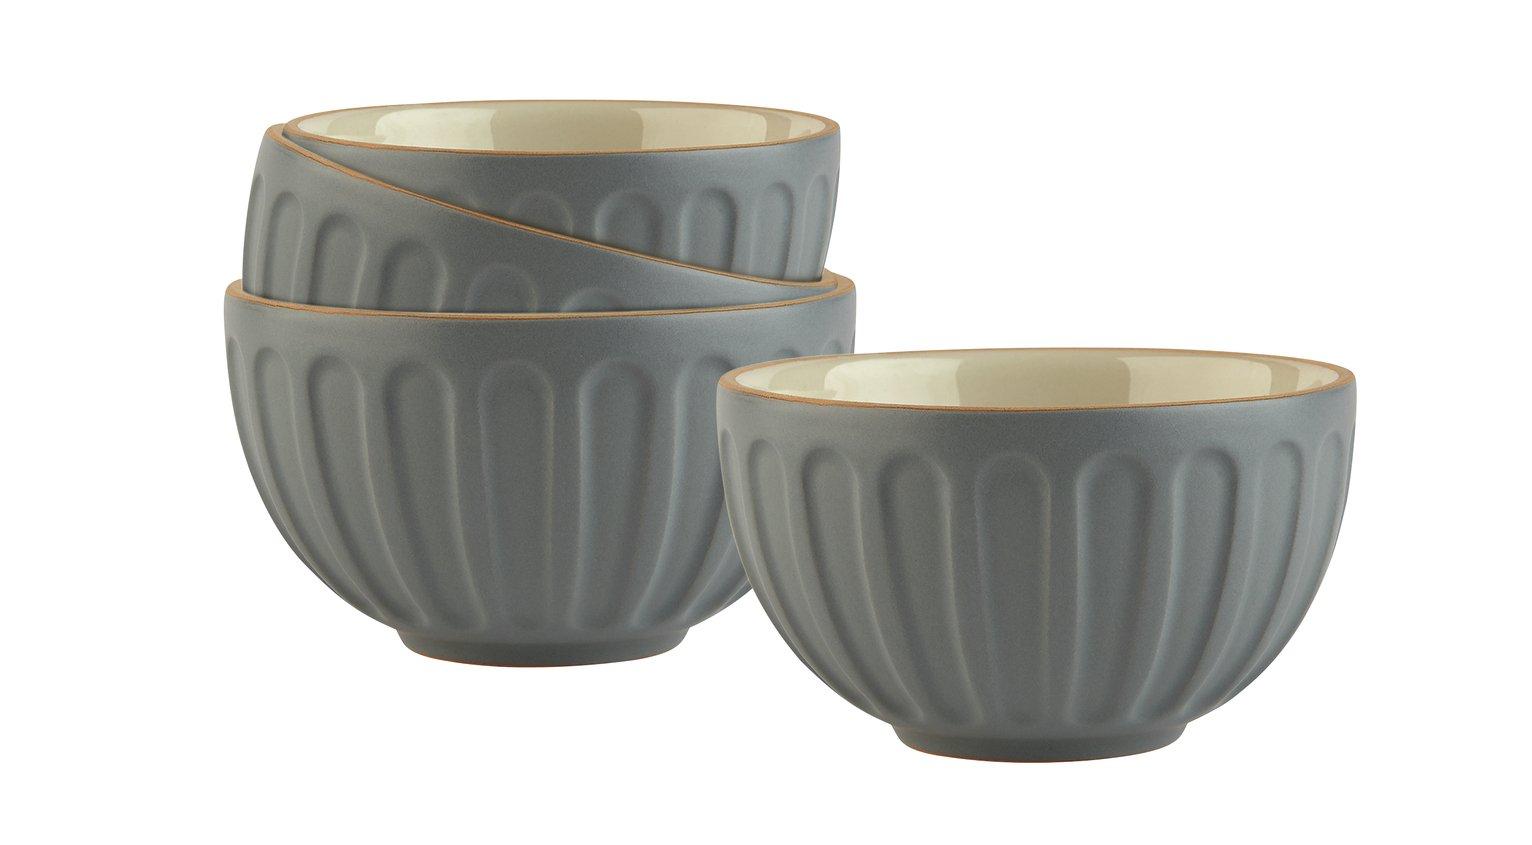 Sainsbury's Home Ceramic Prep Bowls - Grey